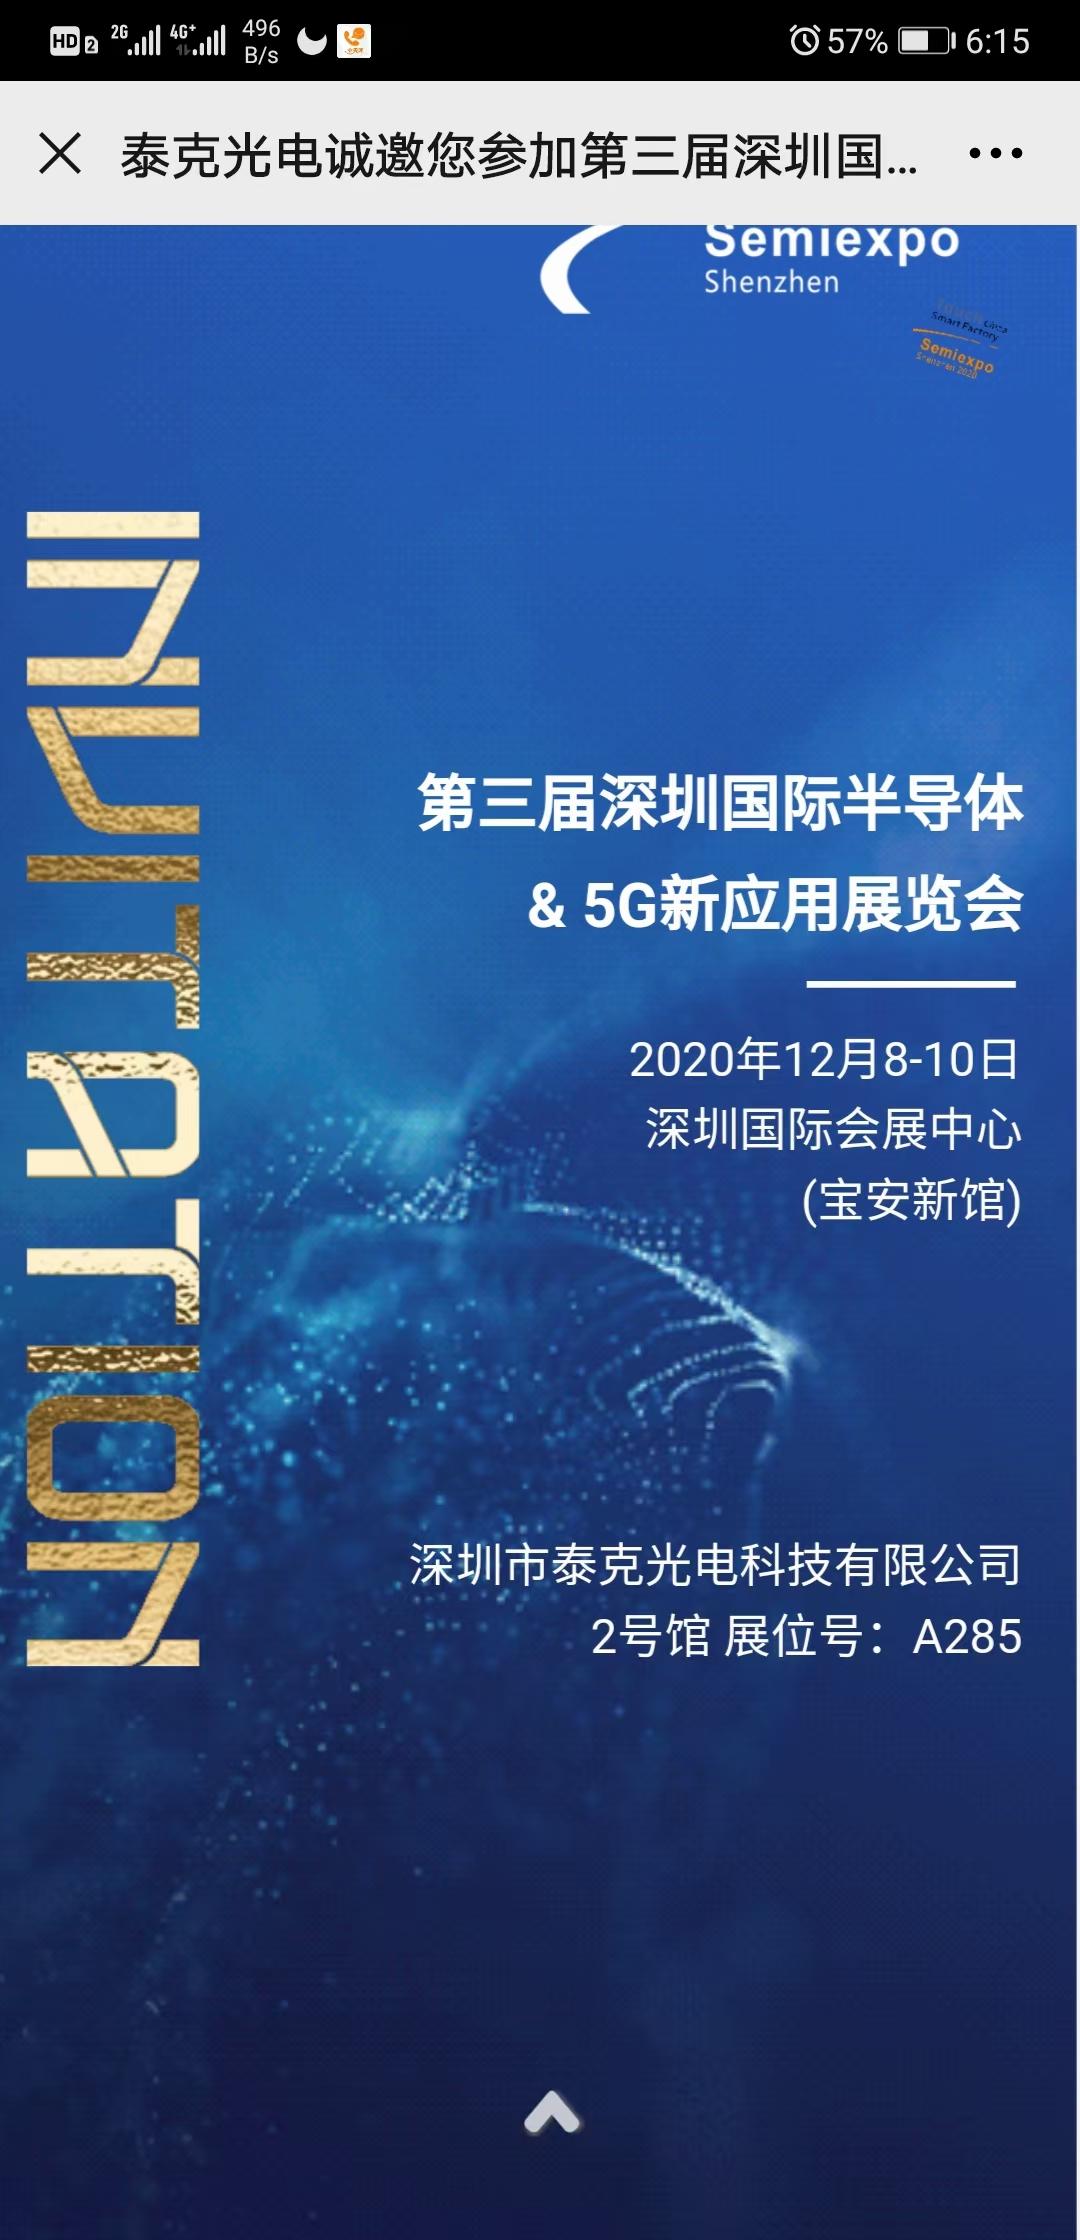 第三屆深圳國際半導體&5G新應用展覽會